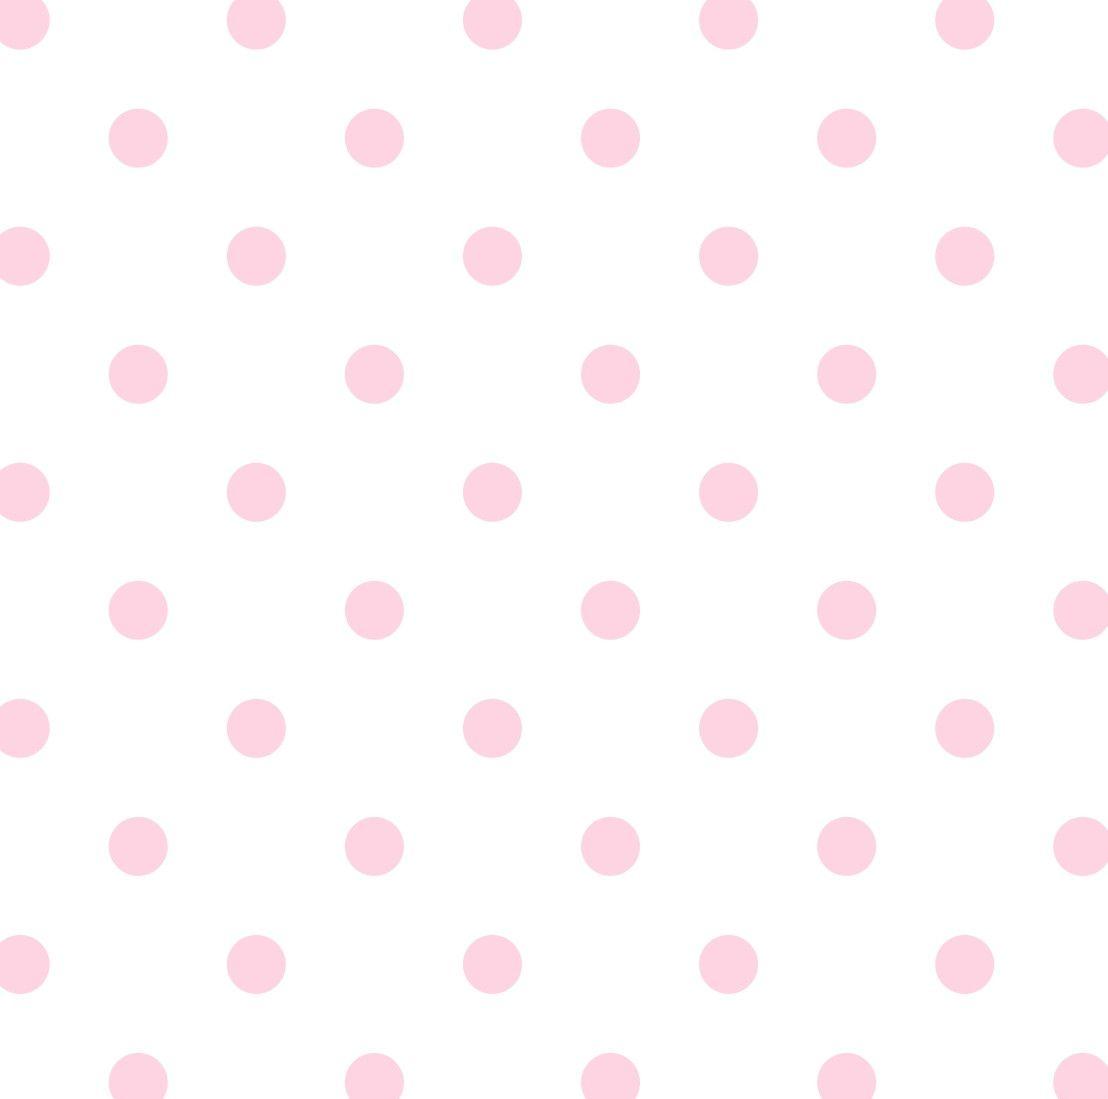 Papel de Parede Bolinhas Poás Rosa 4BB7FC